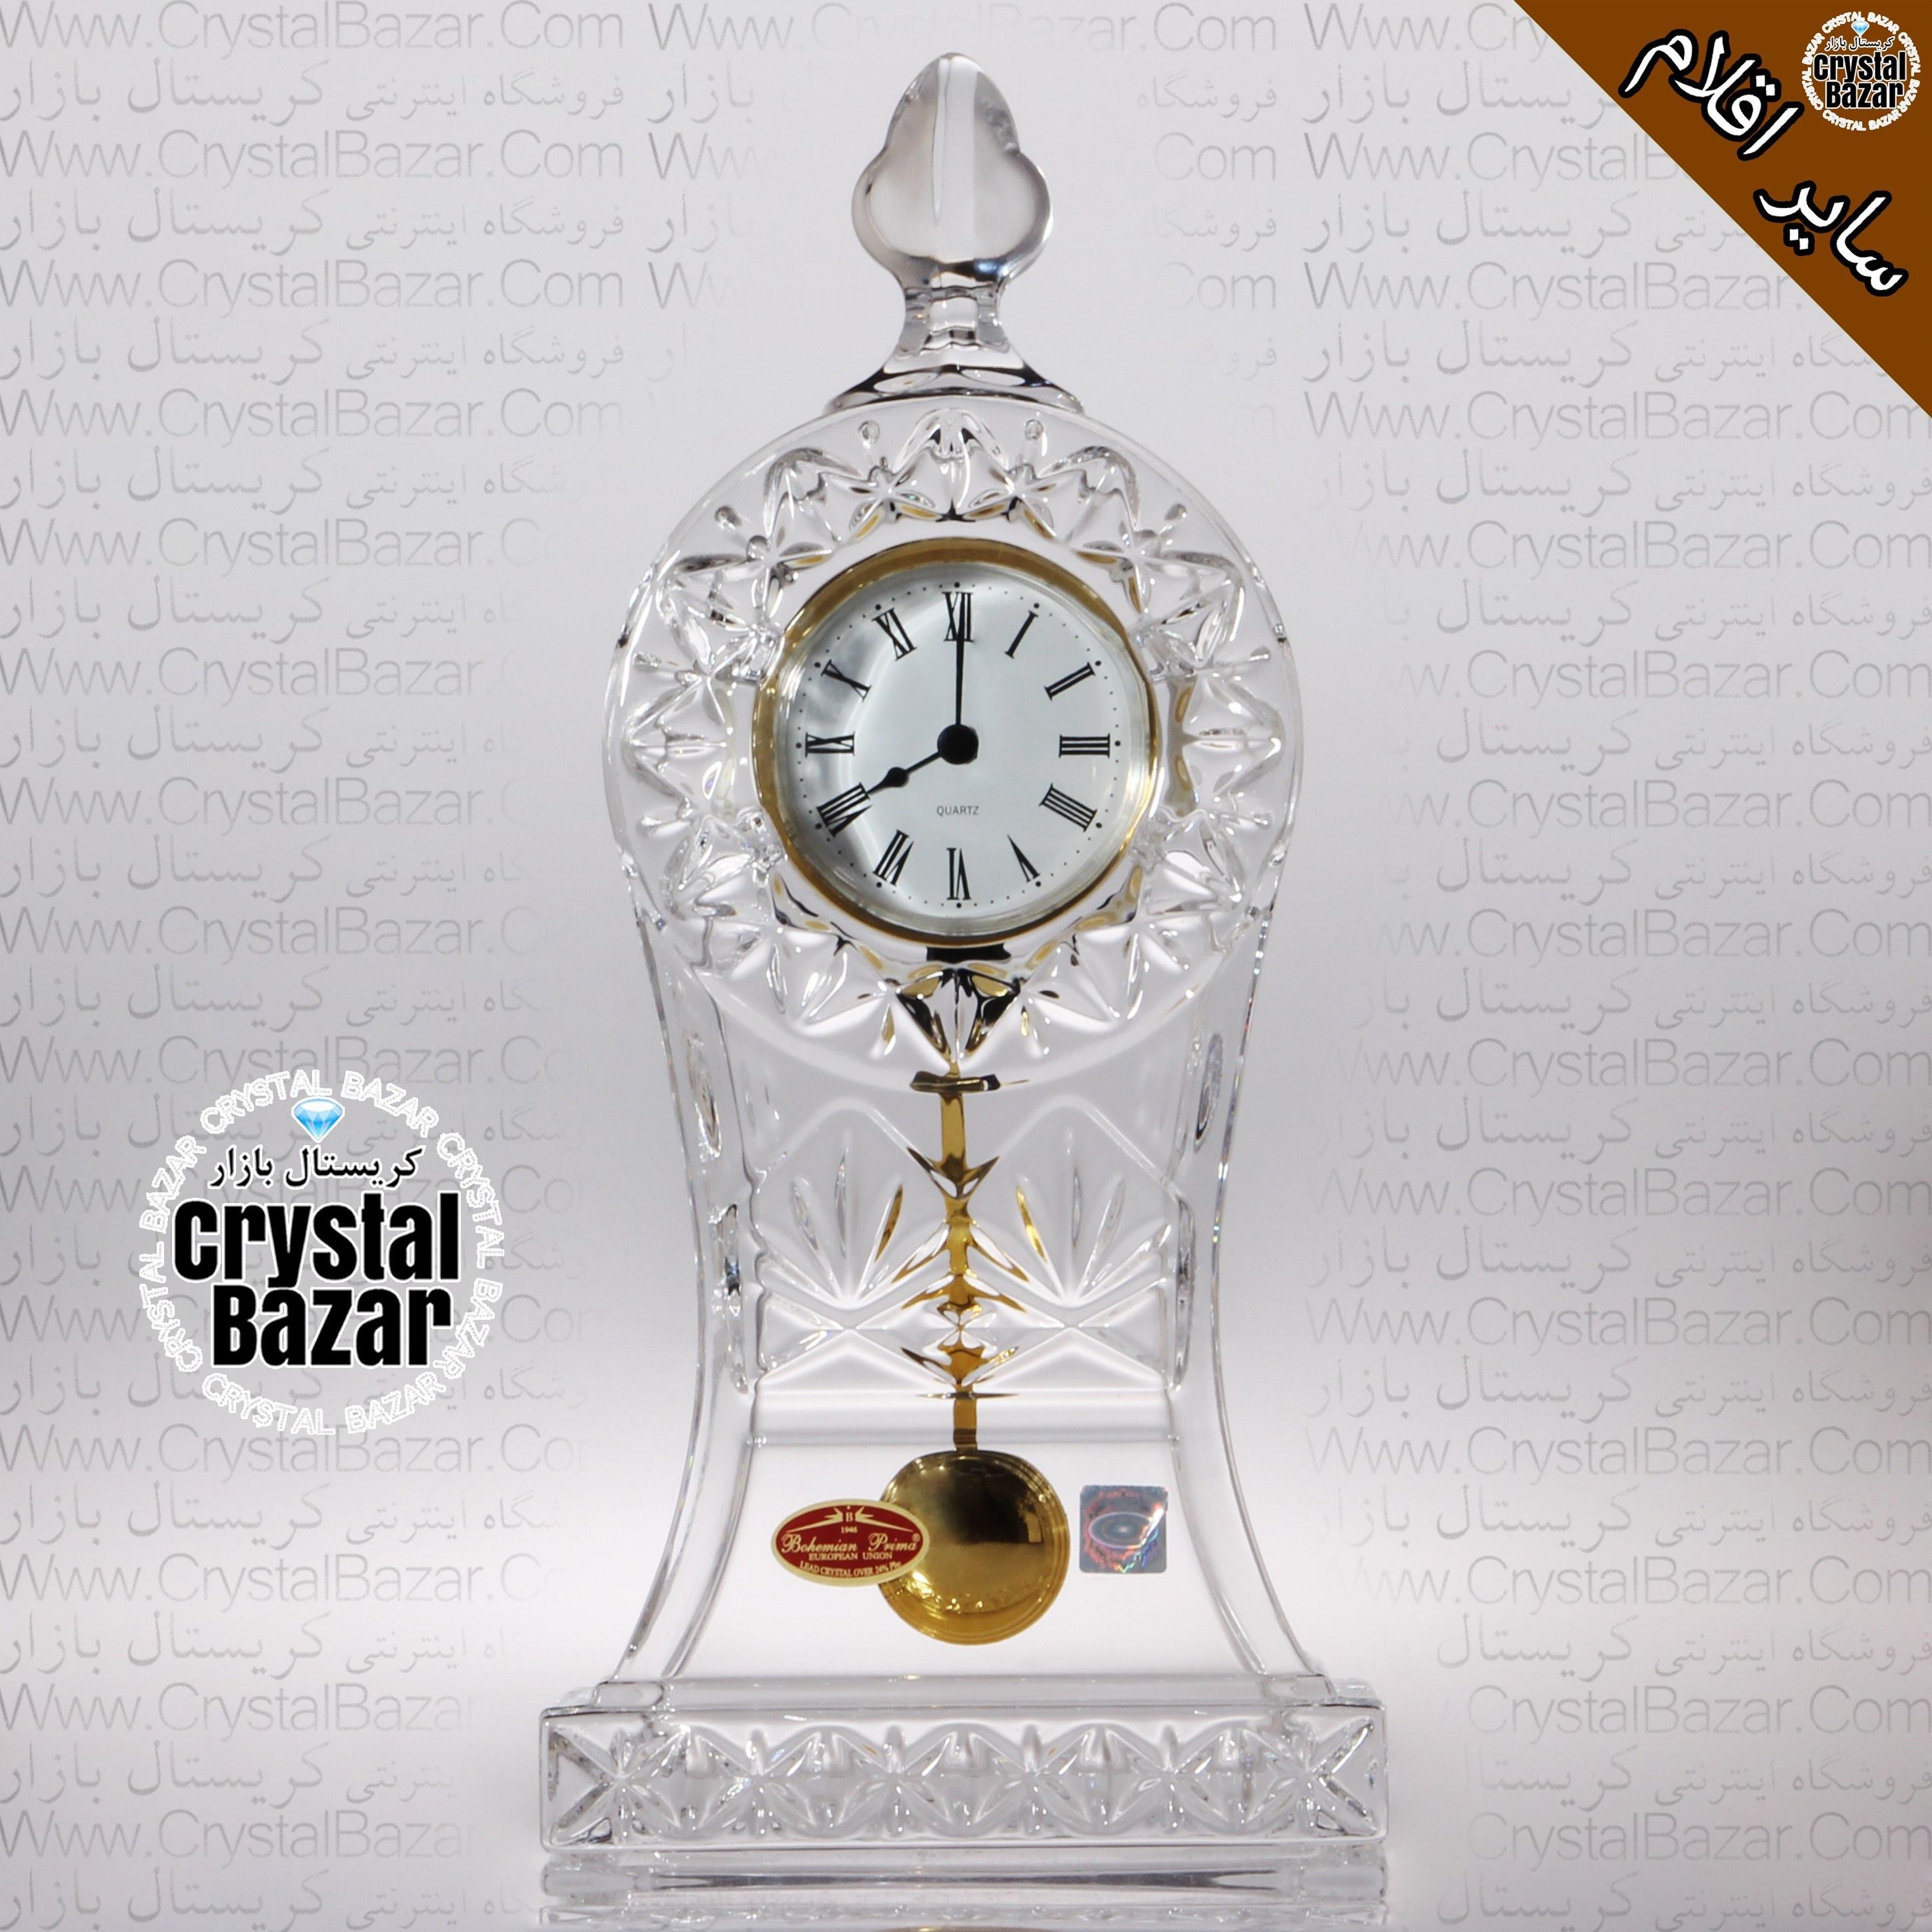 ساعت ایستاده پاندول دار اصل چک |